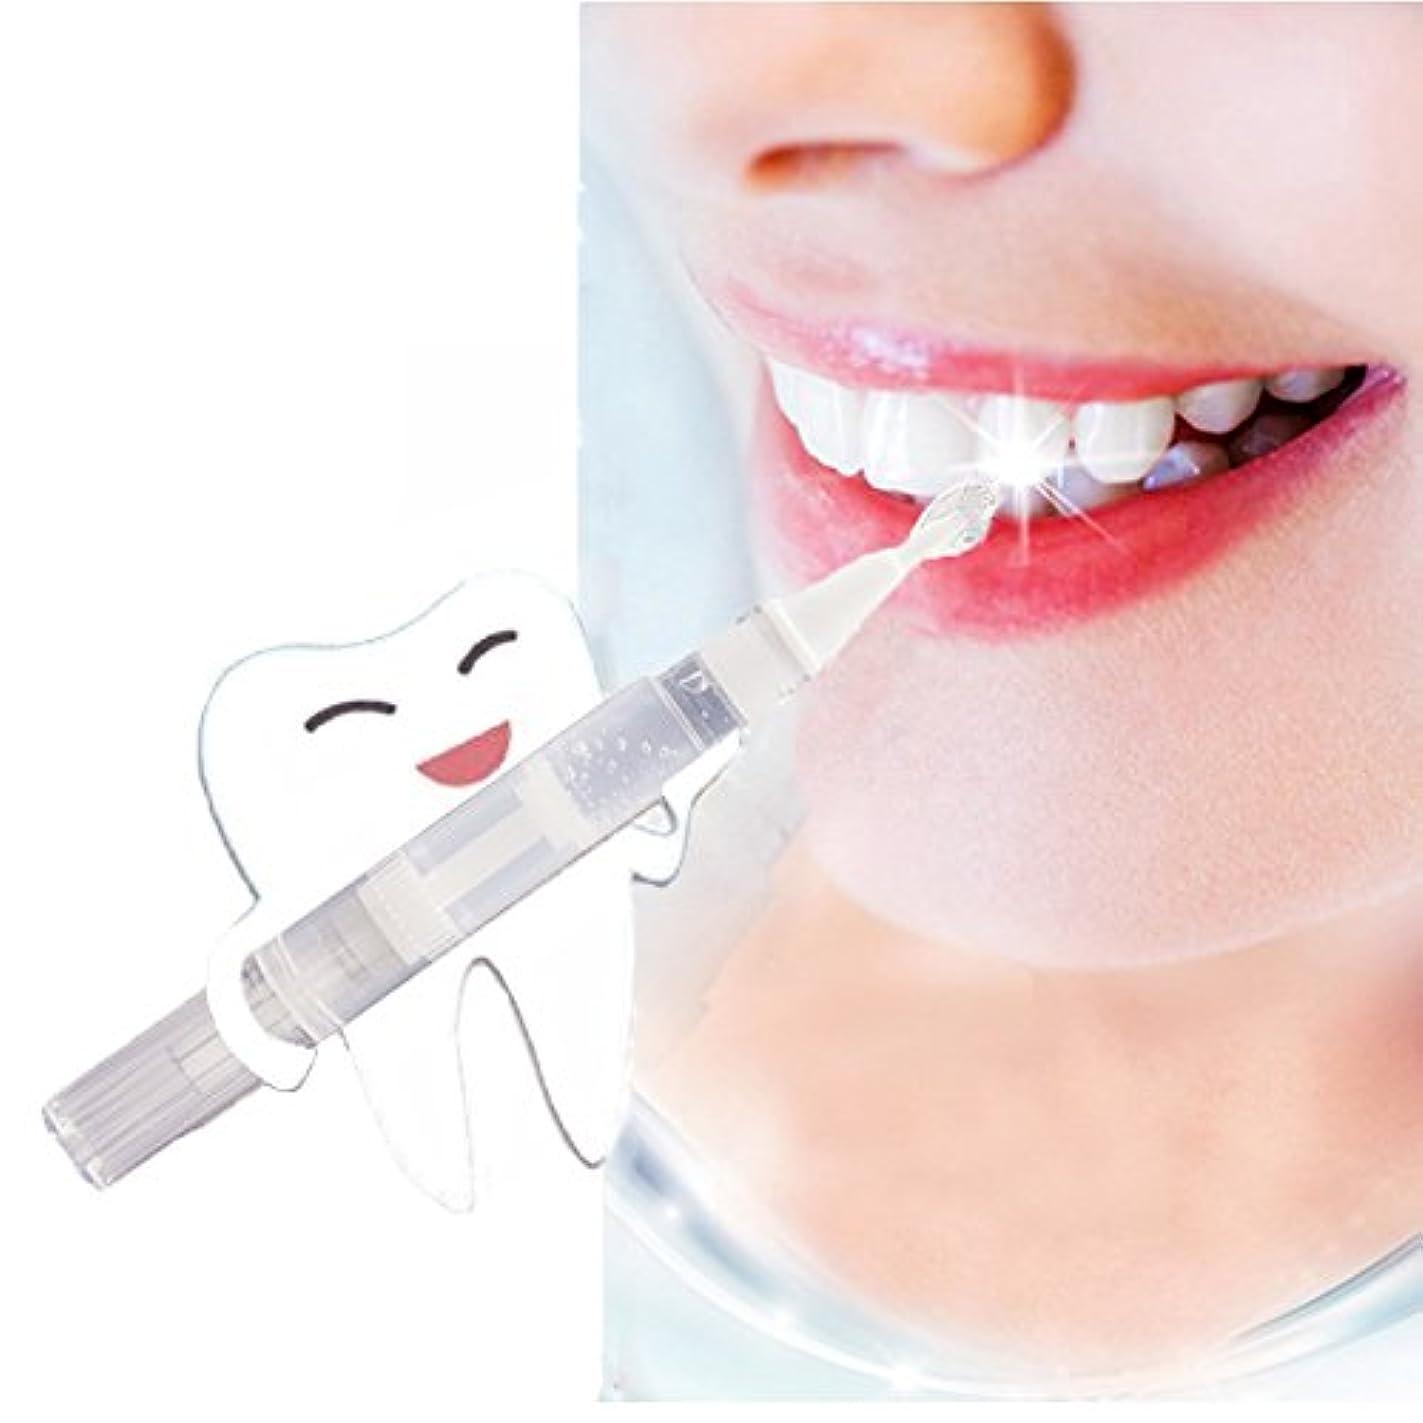 使い込む不利益作詞家PerPure 歯を白くする ホワイトニングペン 10pcs  (ペン)